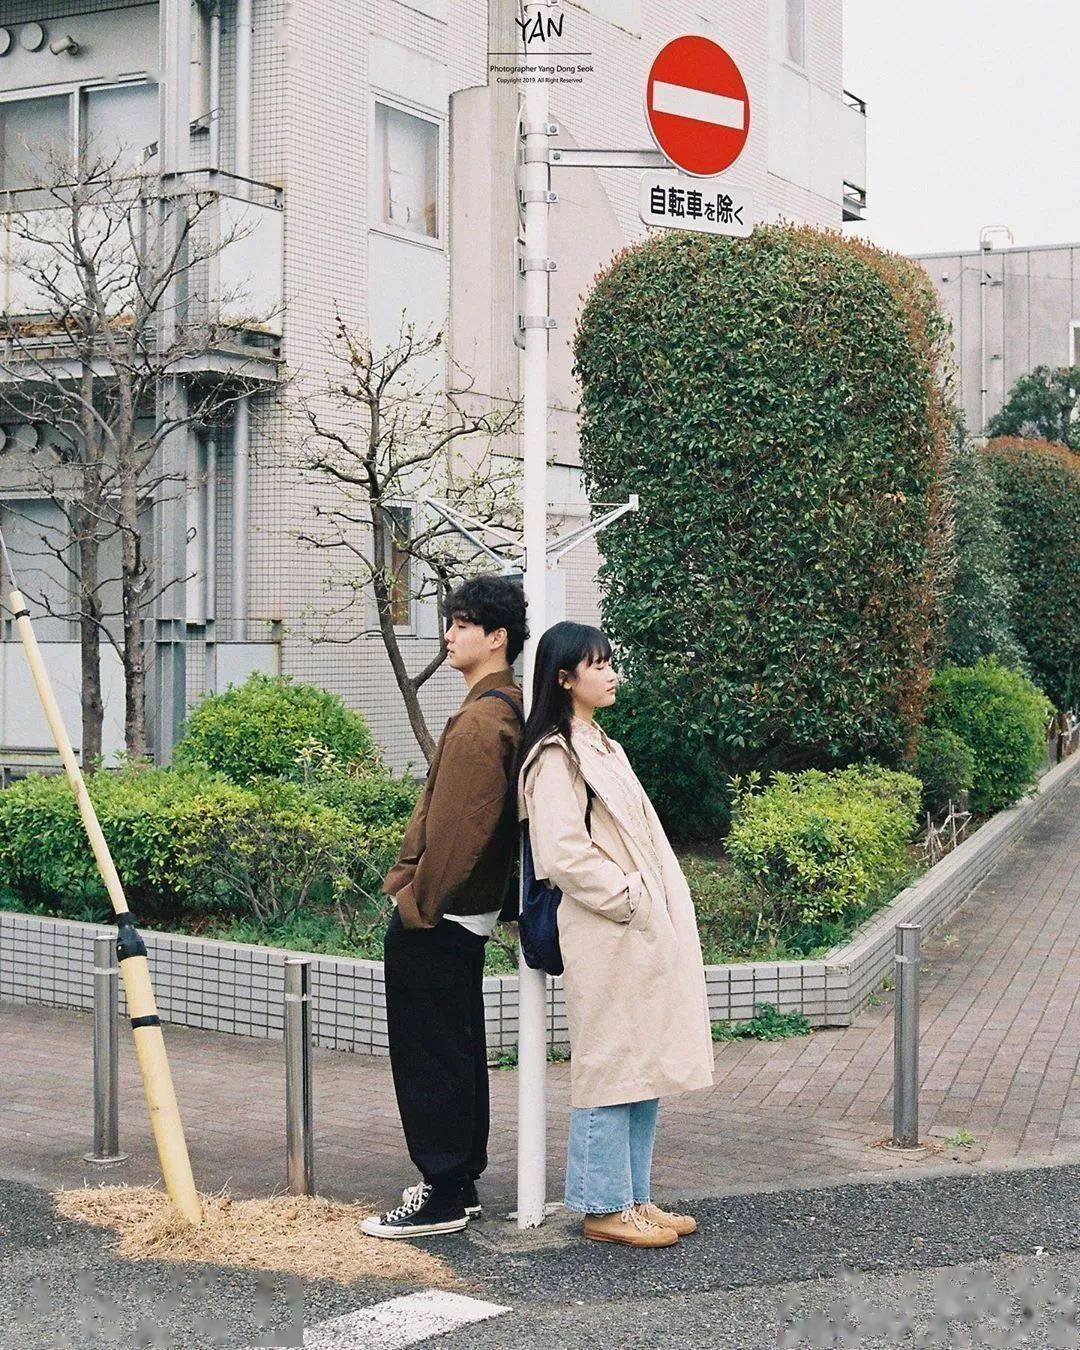 情侣照 pose 大全!前方高甜甜甜!插图(33)